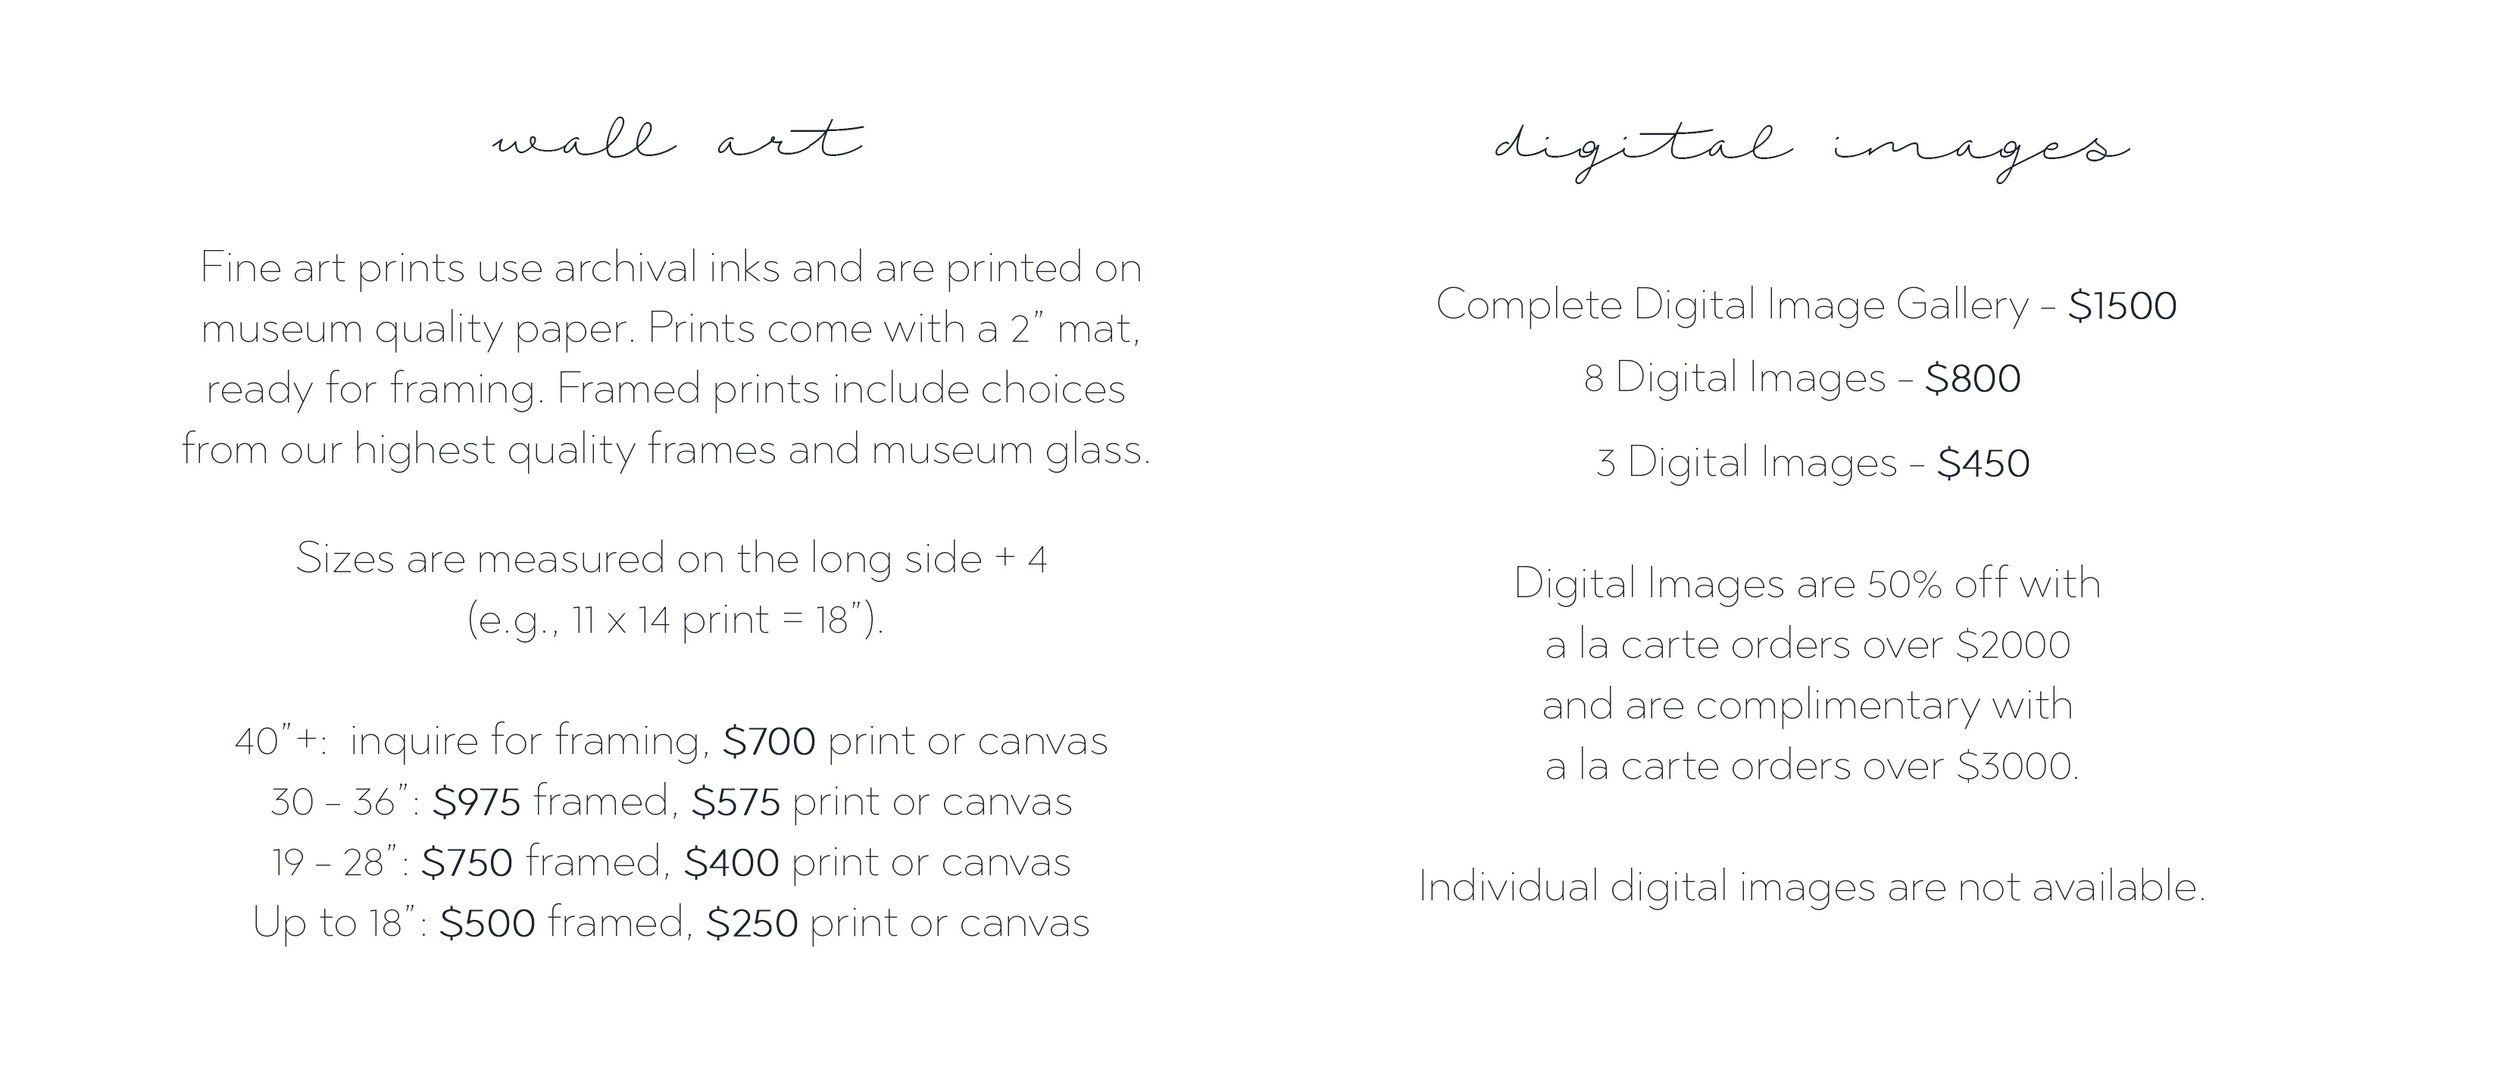 wallart_digitals.jpg